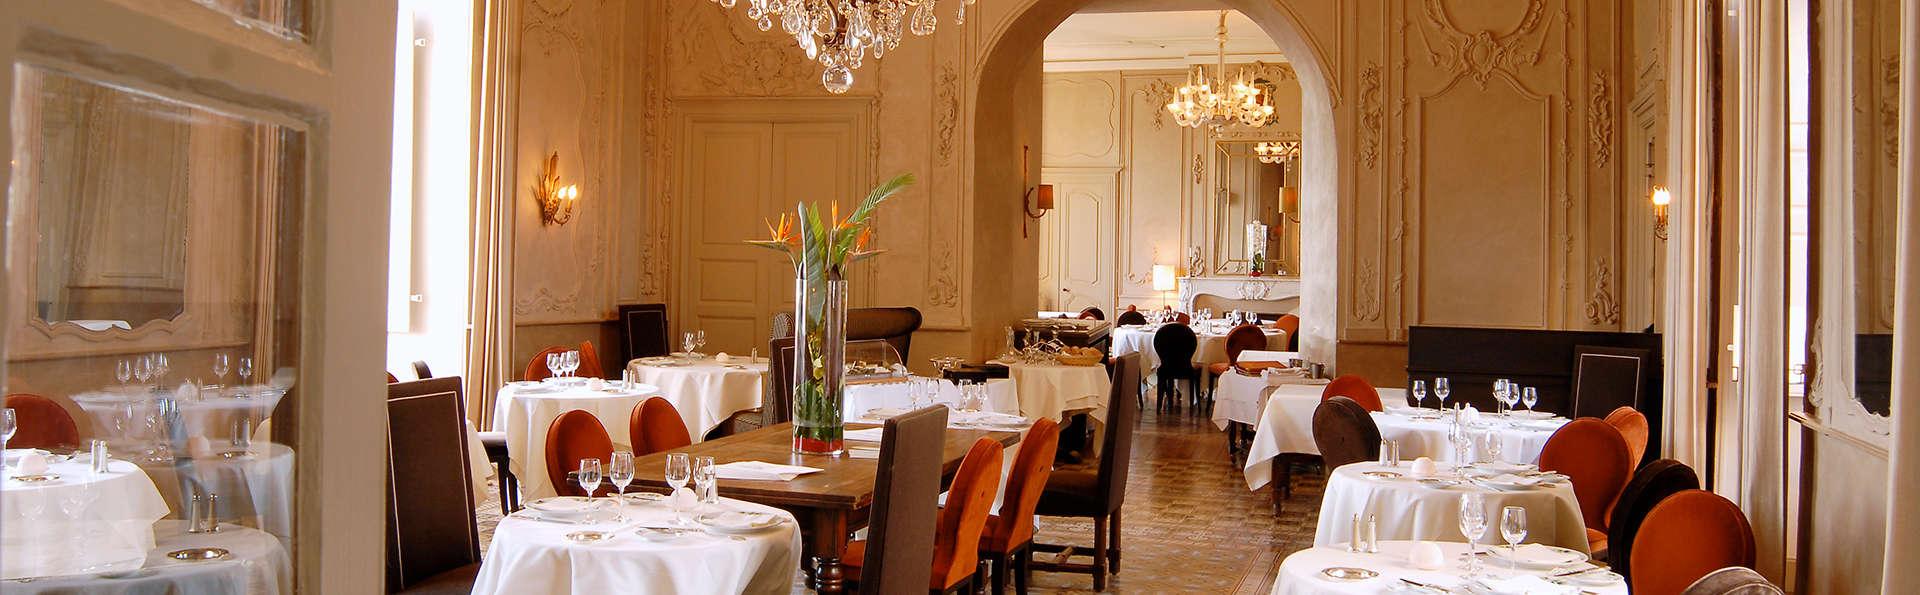 Week-end avec dîner dans un splendide château près de Cahors